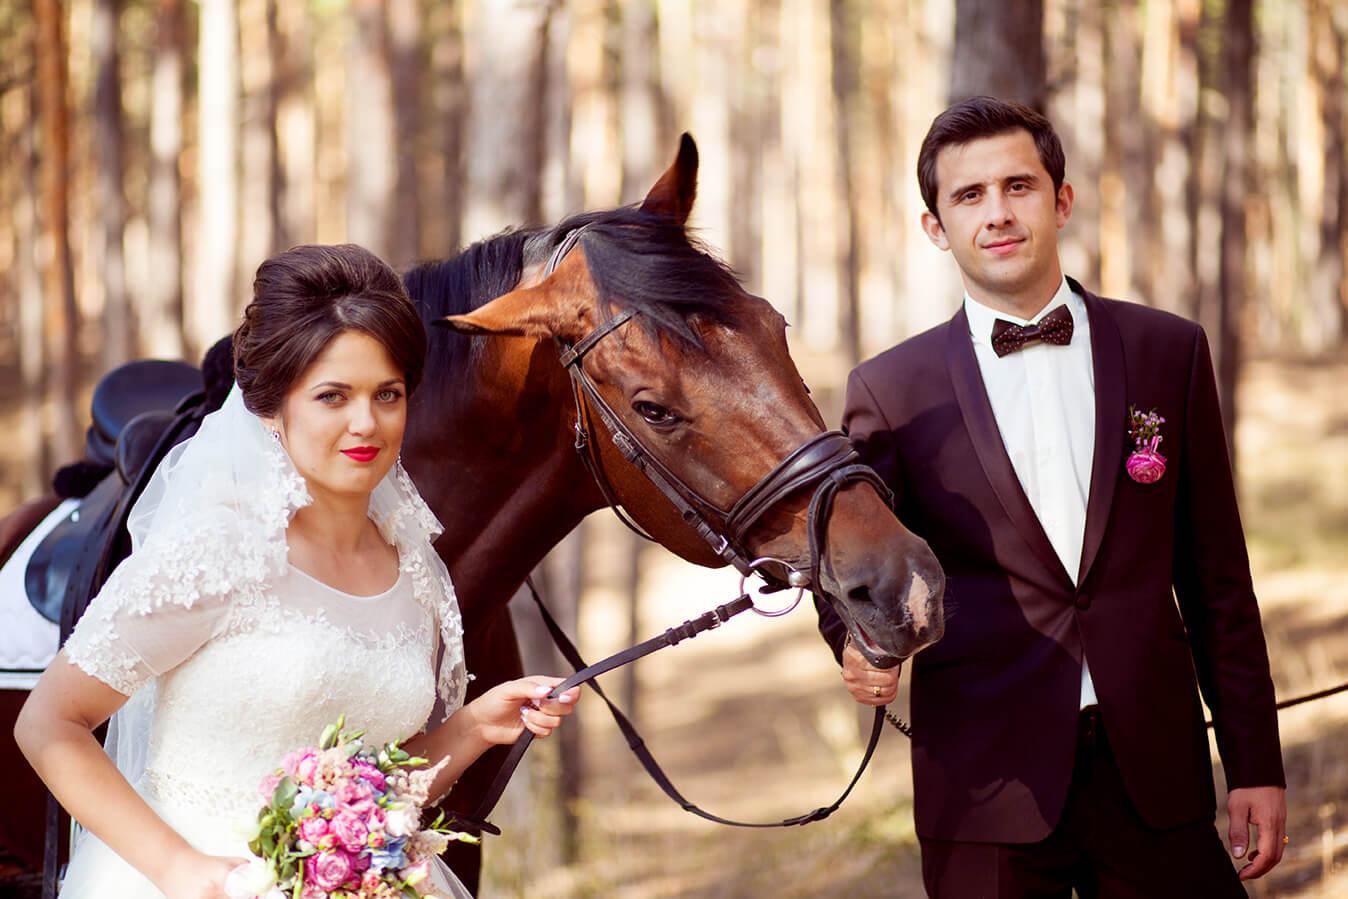 7-konnaja-fotosessija-kiev-semejnyj-detskij-svadebnyj-fotograf-12